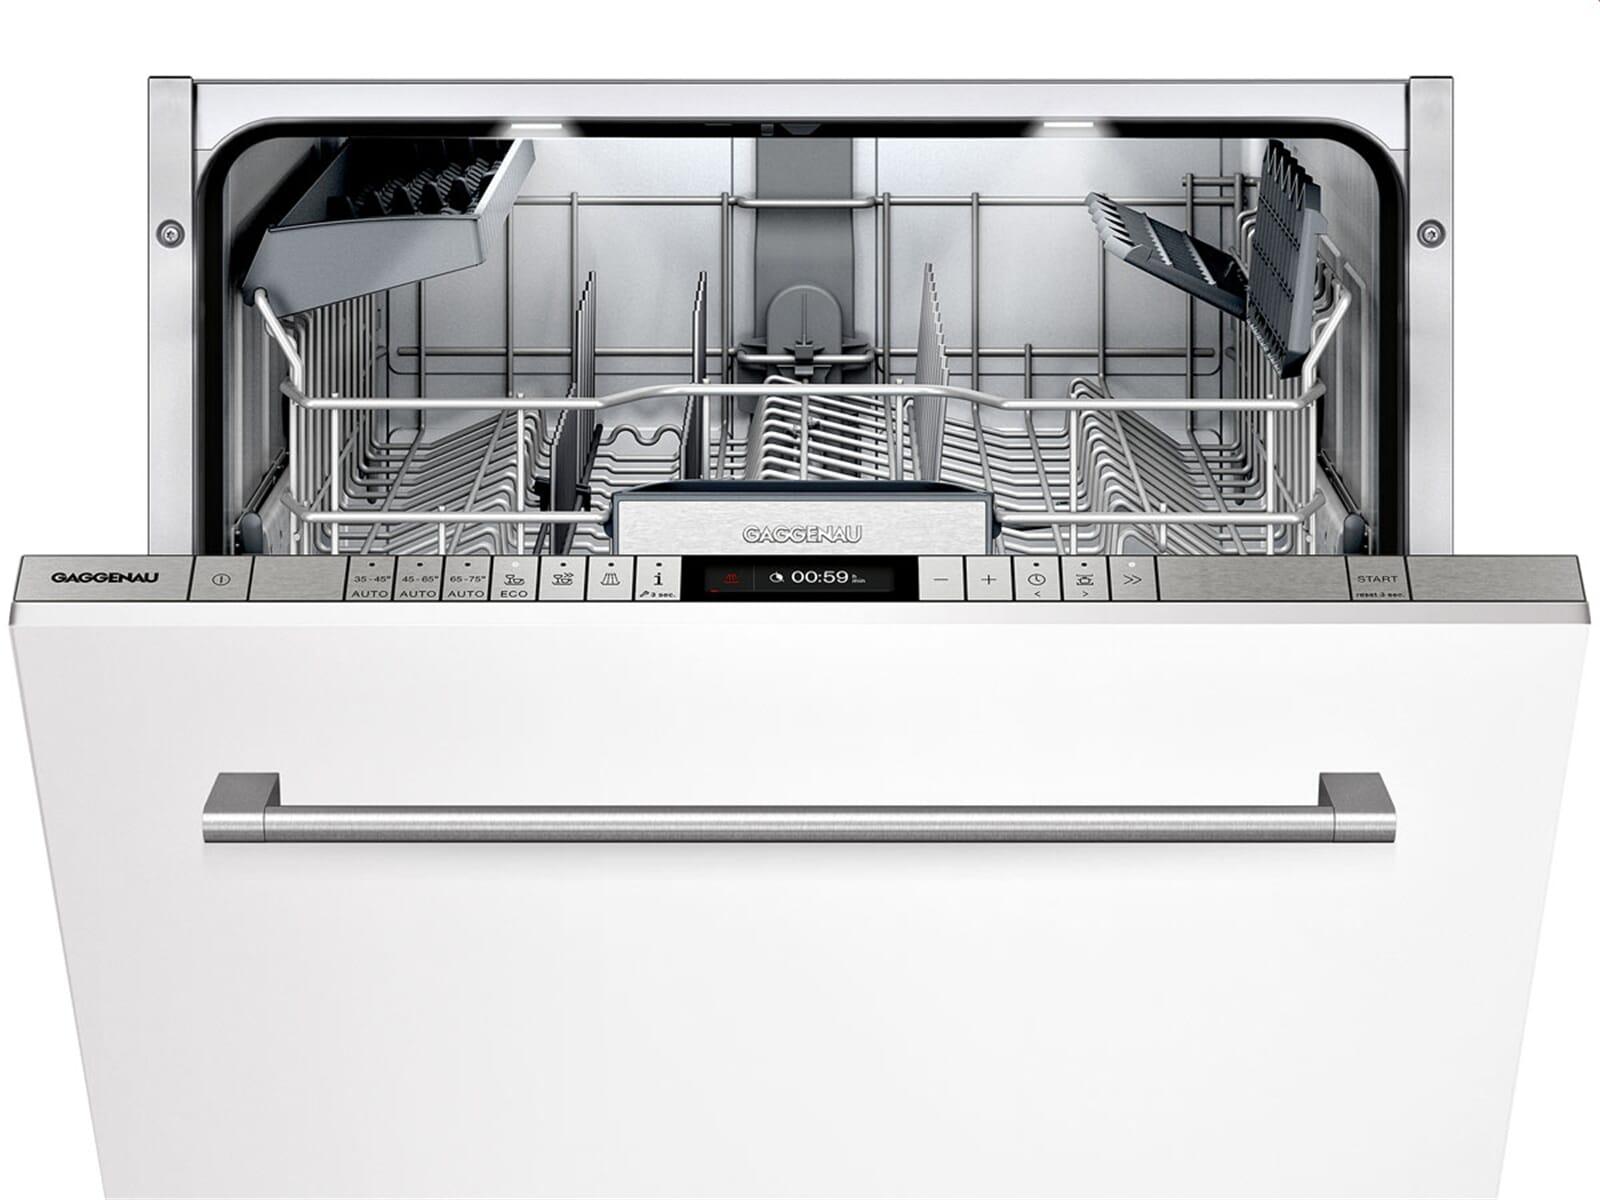 Kühlschrank Xxxl : Einbau kühlschrank xxl siemens kühlschrank xxl einbau